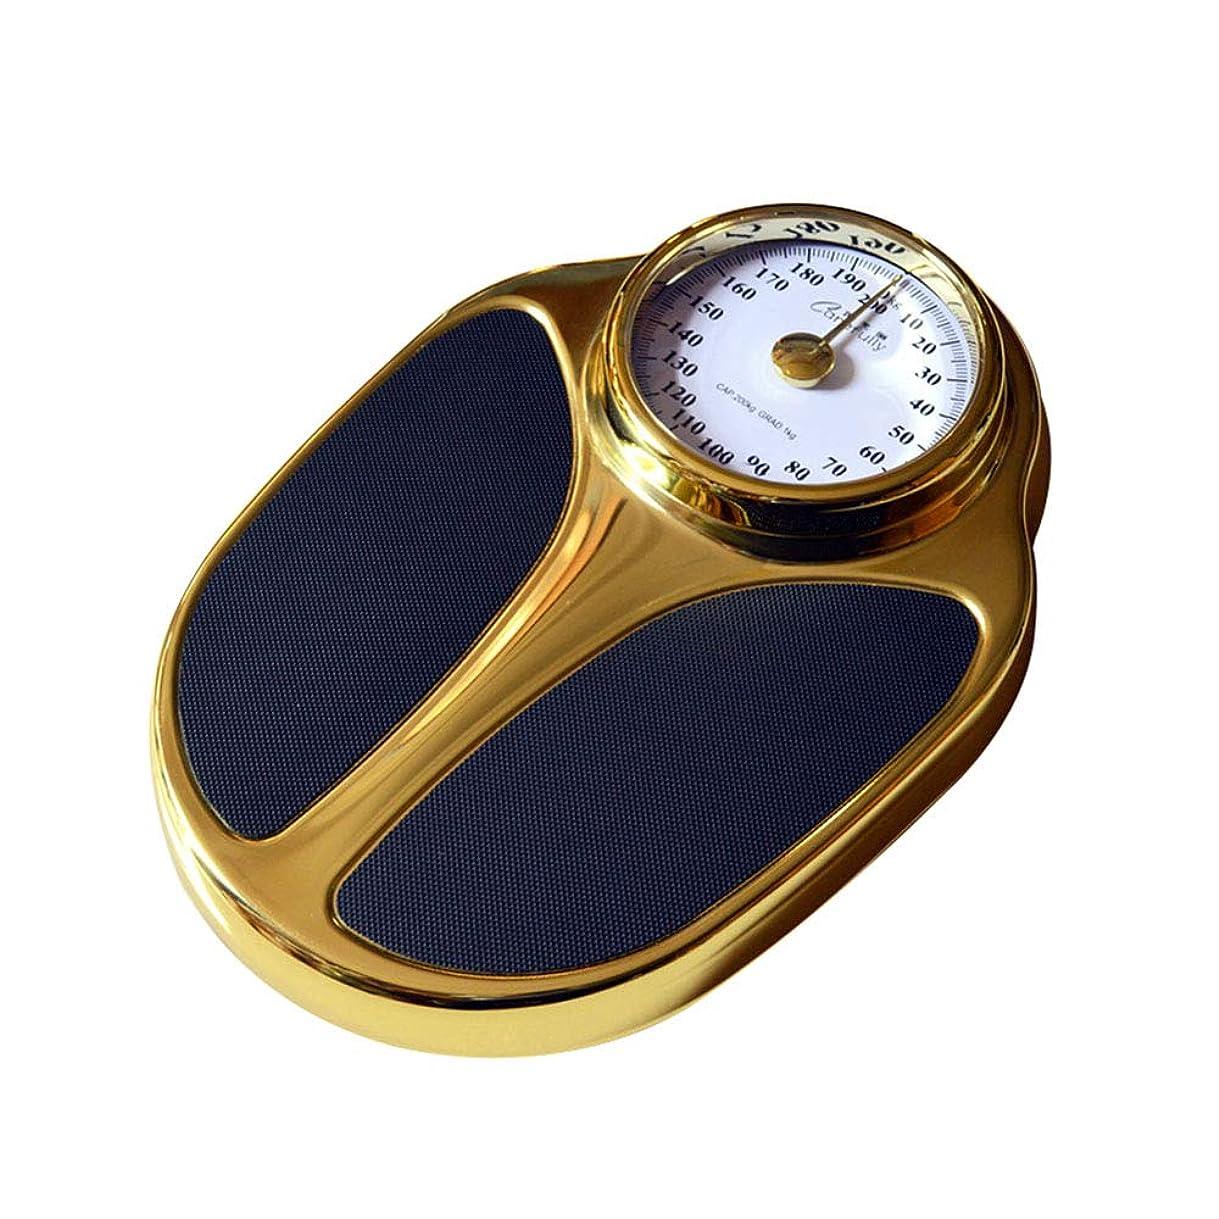 文言ピースアレイ機械式医療用体重計、デジタル体重計、高速、正確、高容量441ポンド(200 kg)